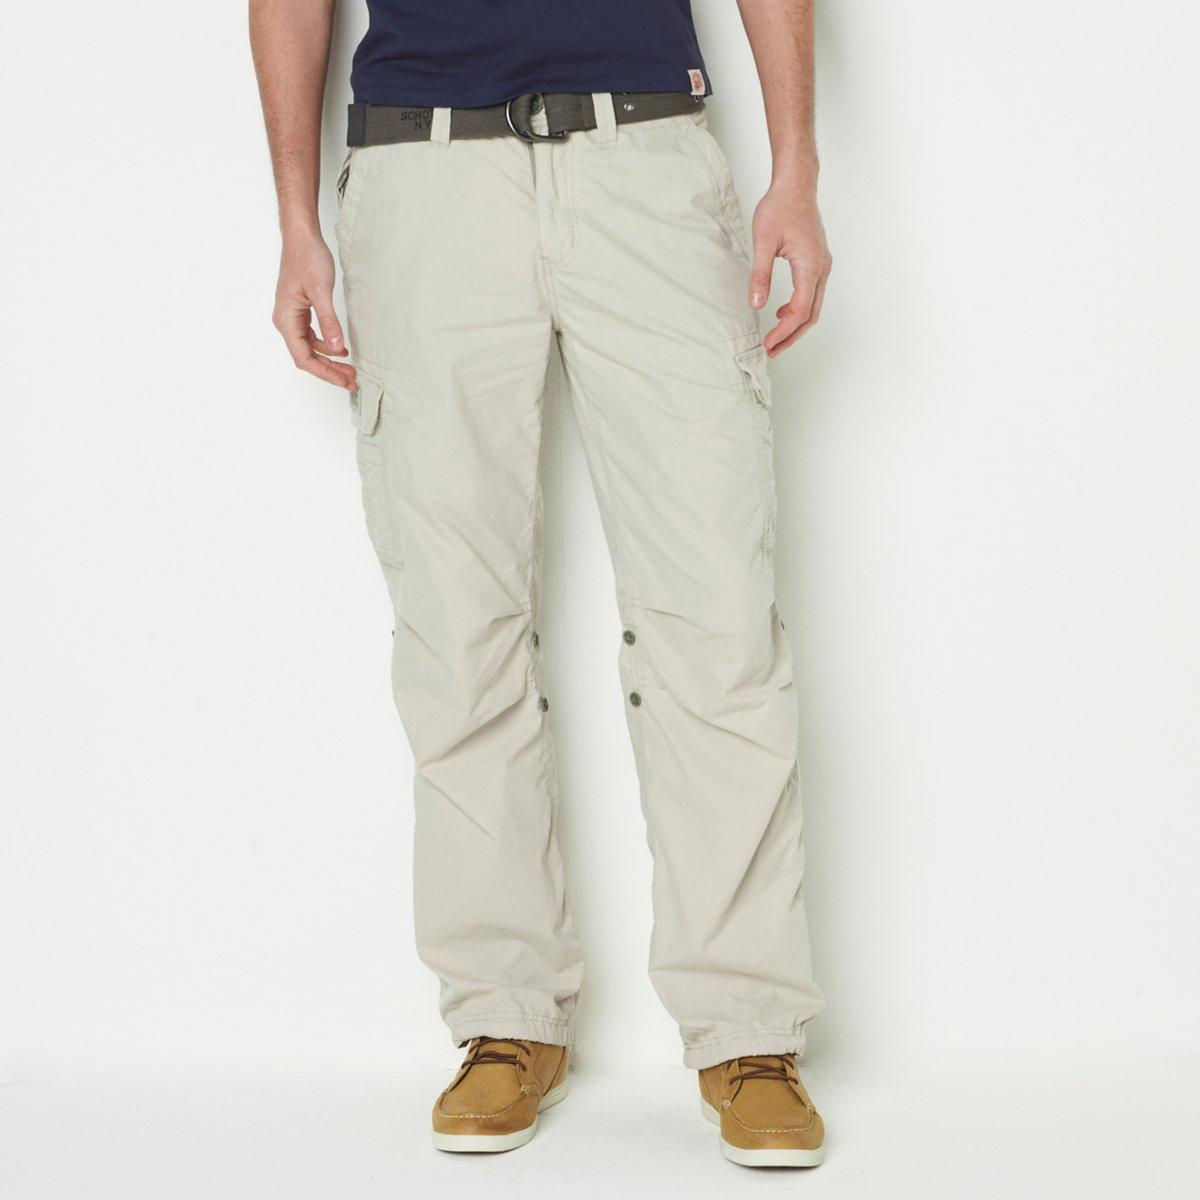 Pantaloni cargo con cintura CARGO US 30